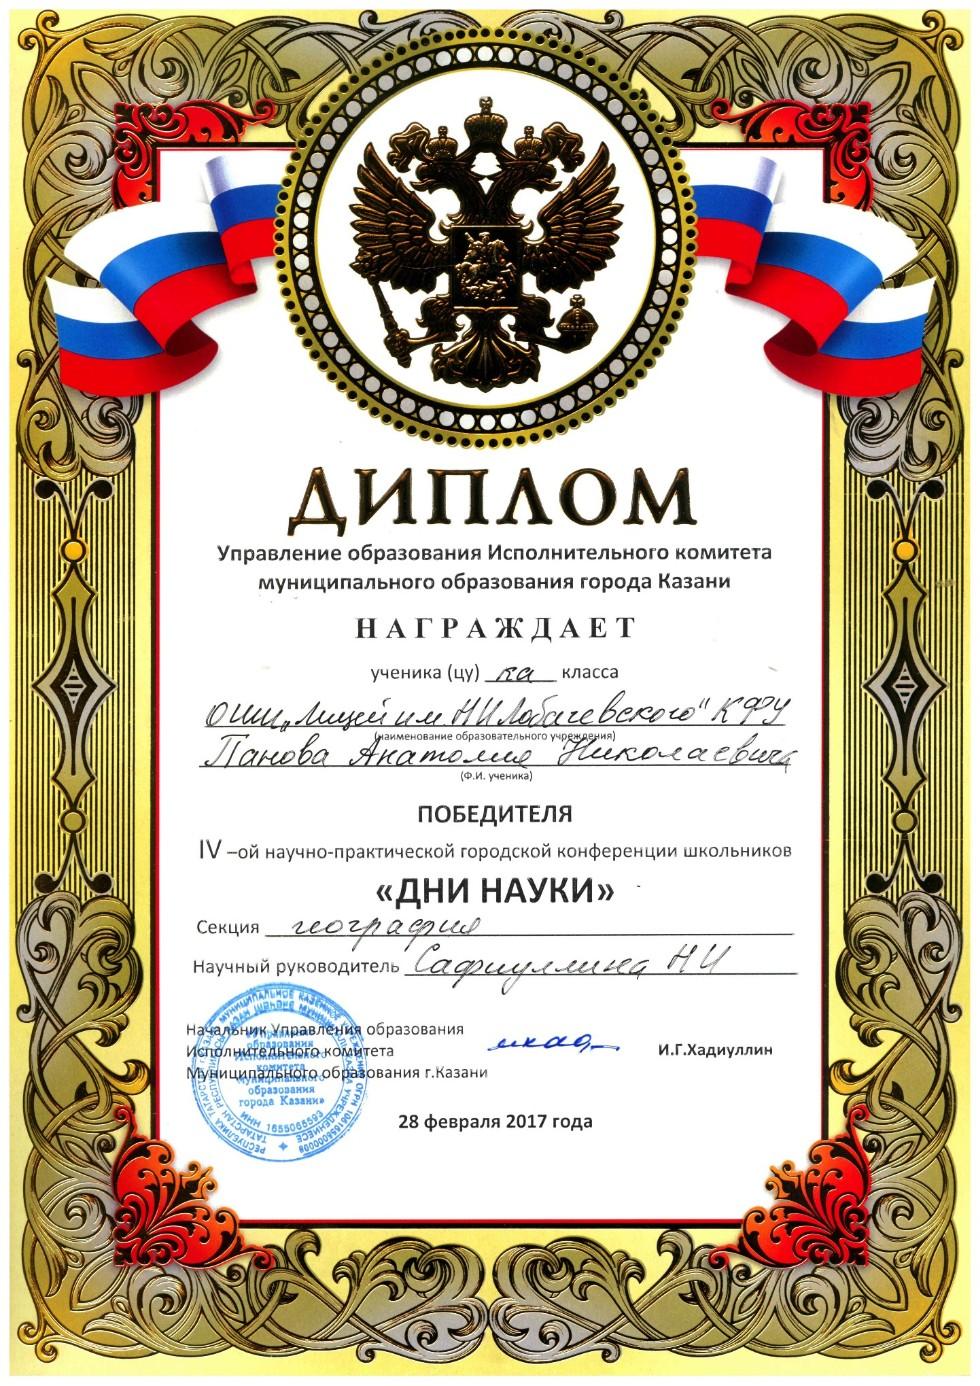 Бланки для поздравлений. Обсуждение на LiveInternet - Российский